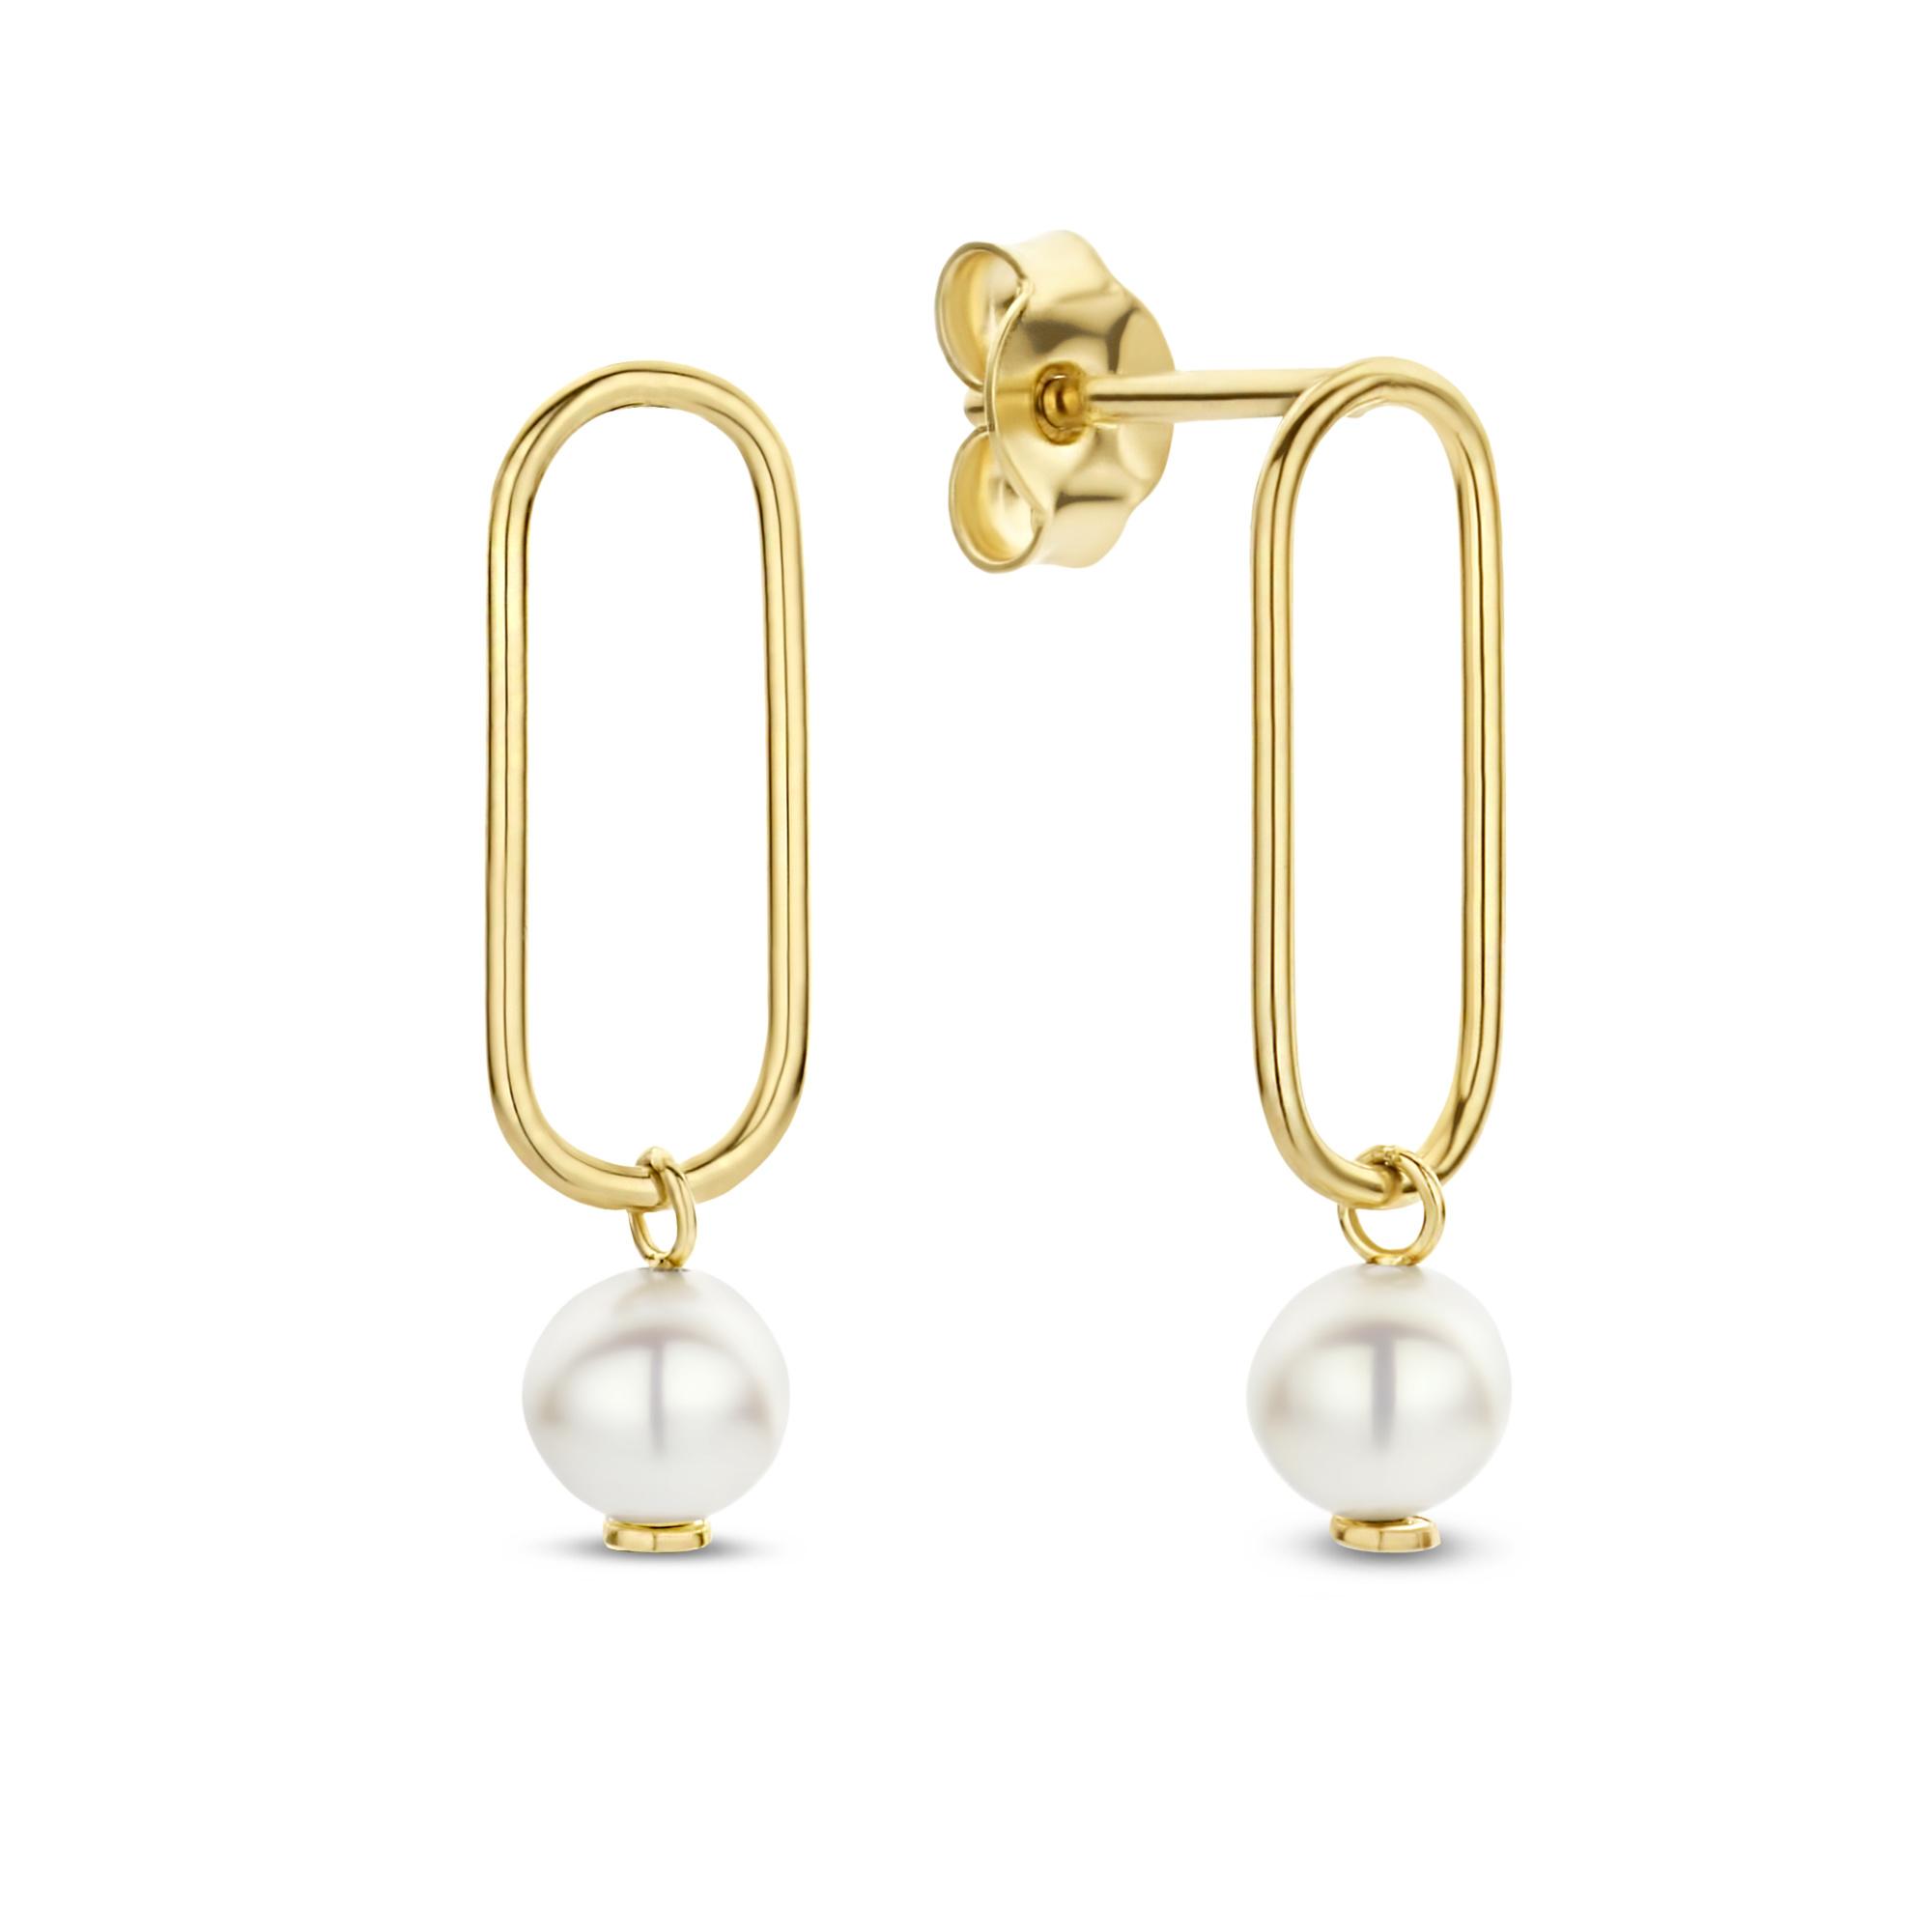 Isabel Bernard Belleville Luna 14 karat gold ear studs with freshwater pearl